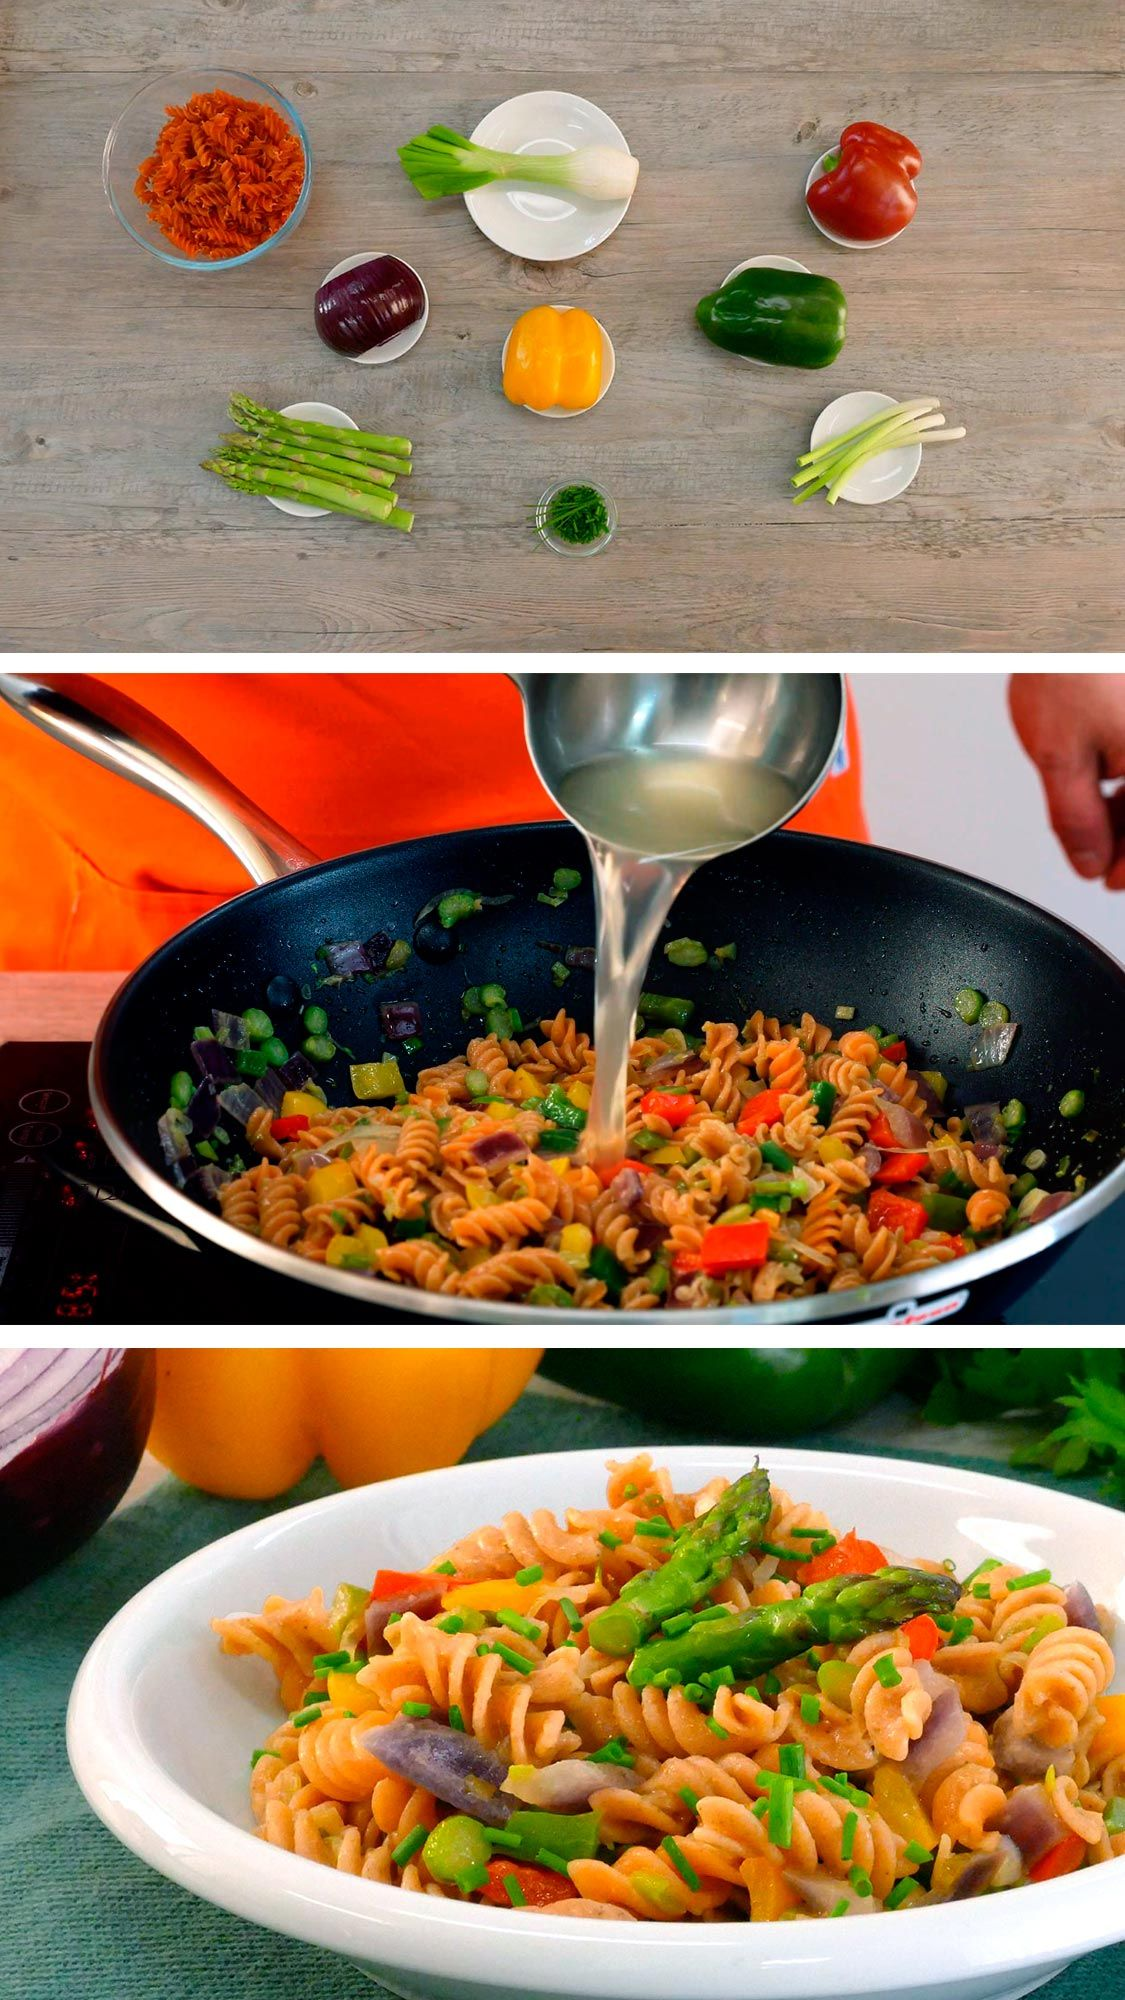 Pasta De Lentejas Rojas Con Verduras Receta Fácil Y Rápida Cocinatis Receta Platos De Pasta Lentejas Verduras